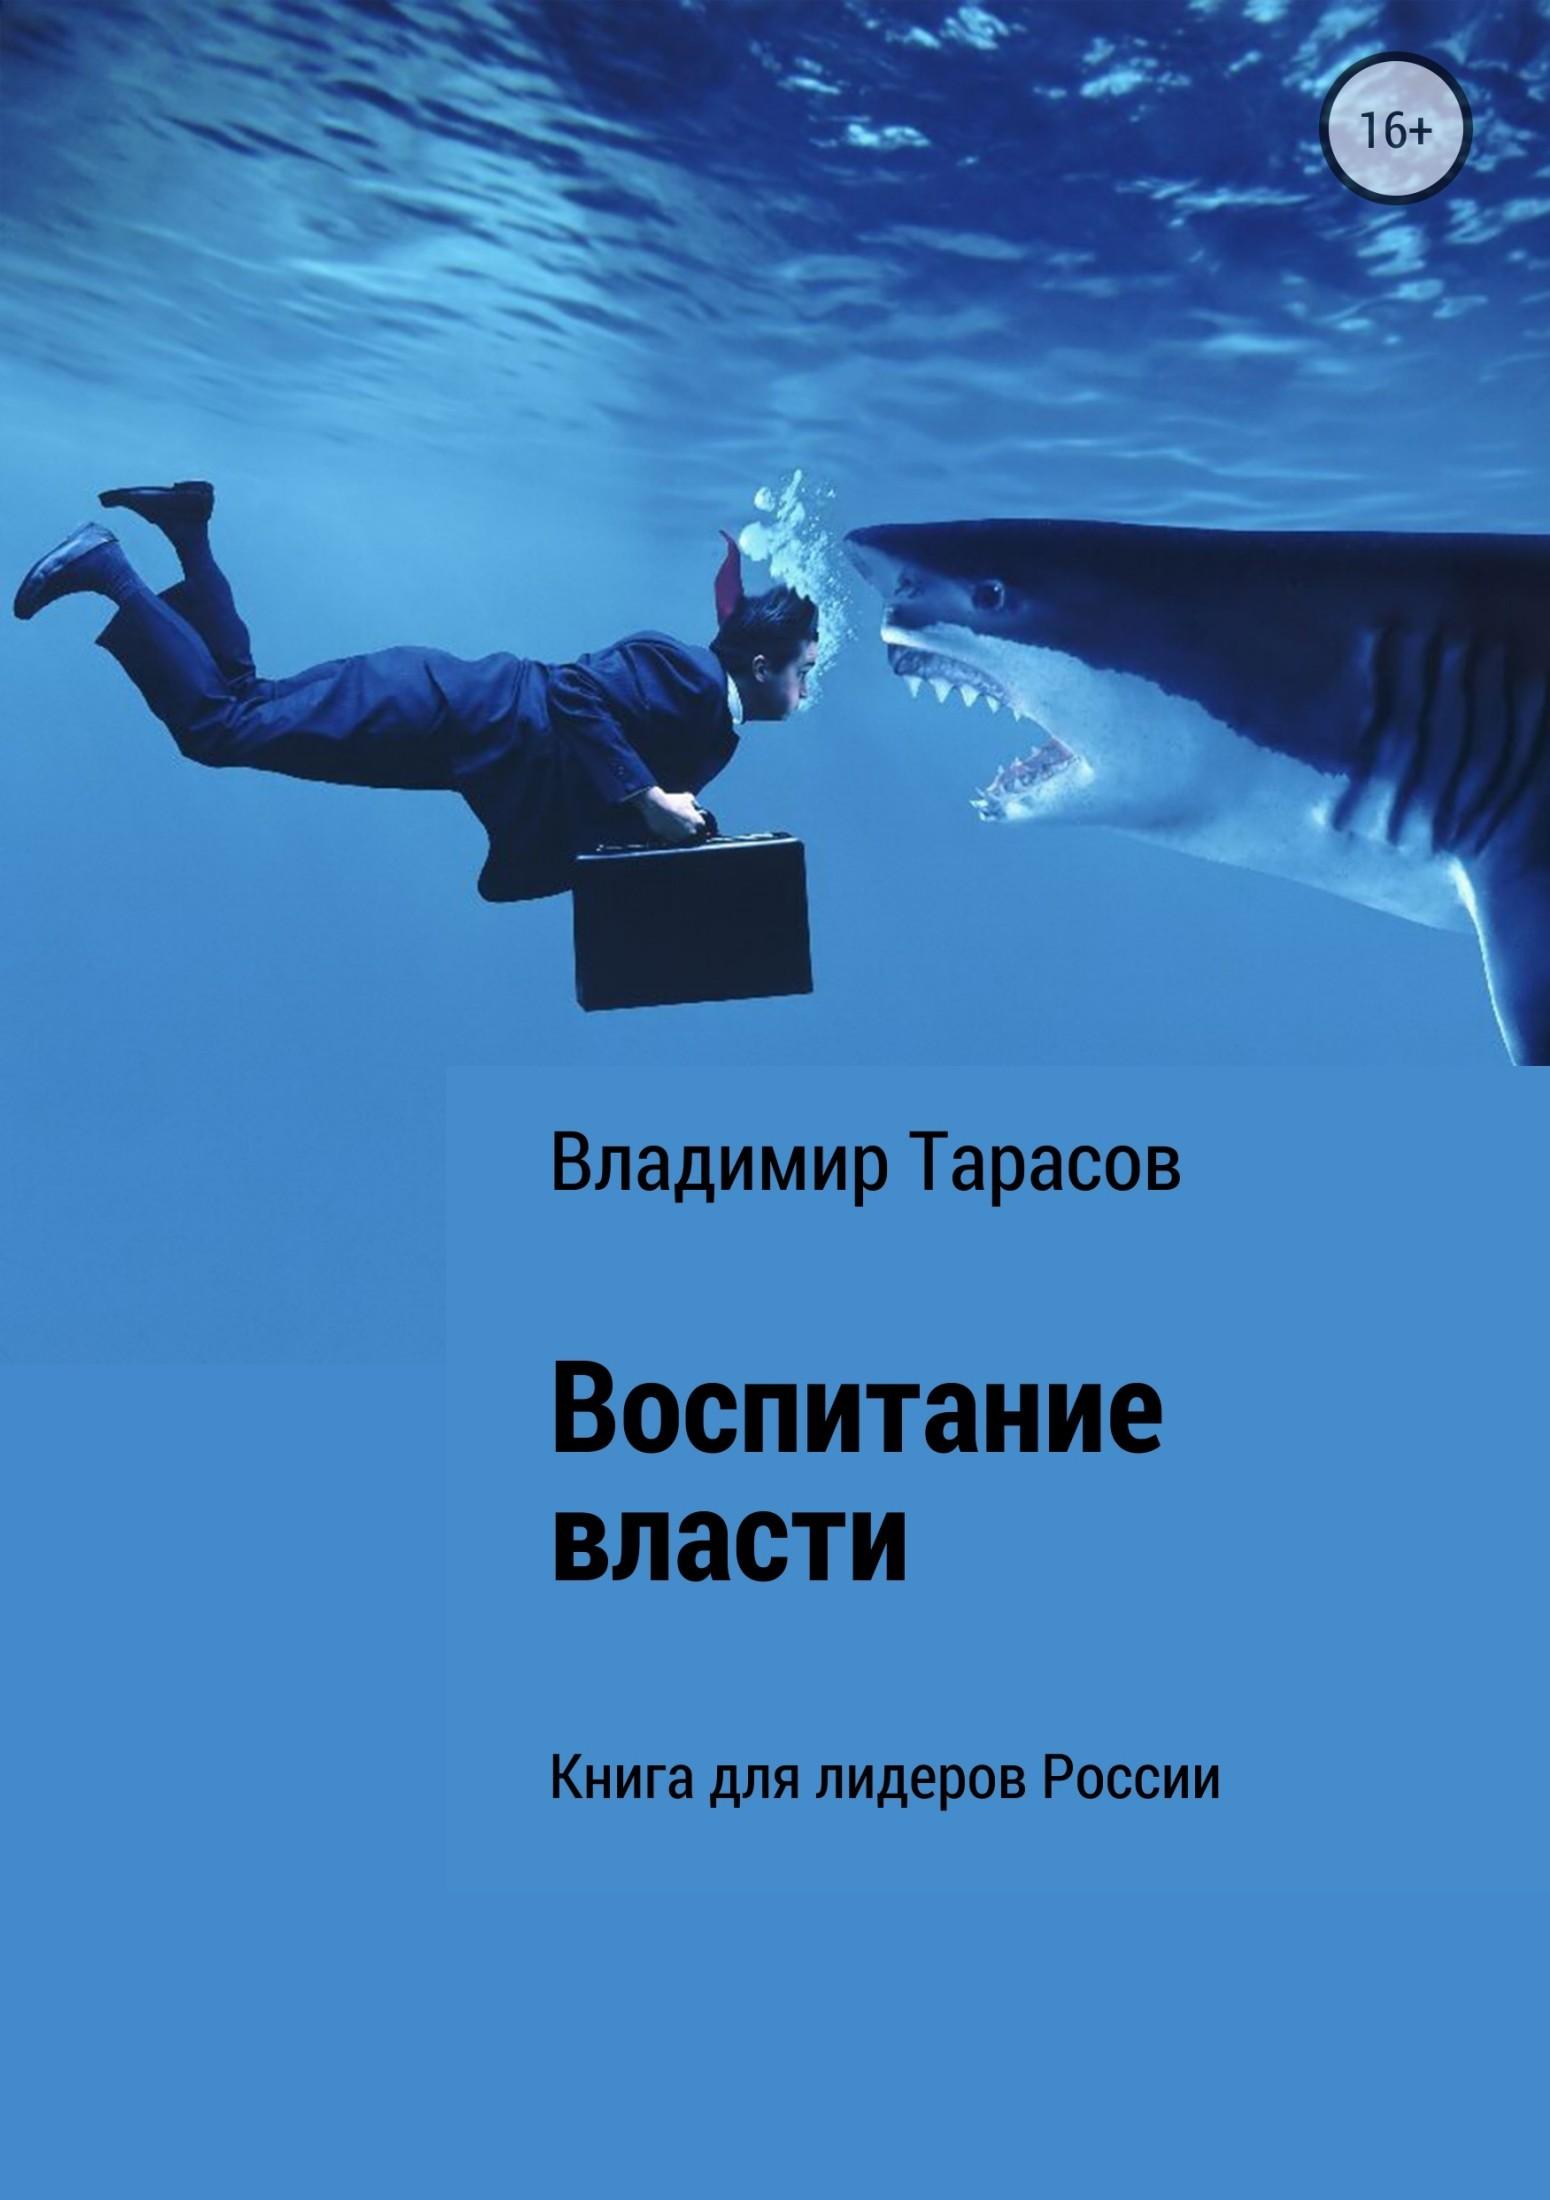 Владимир Федорович Тарасов. Воспитание власти. Книга для лидеров России